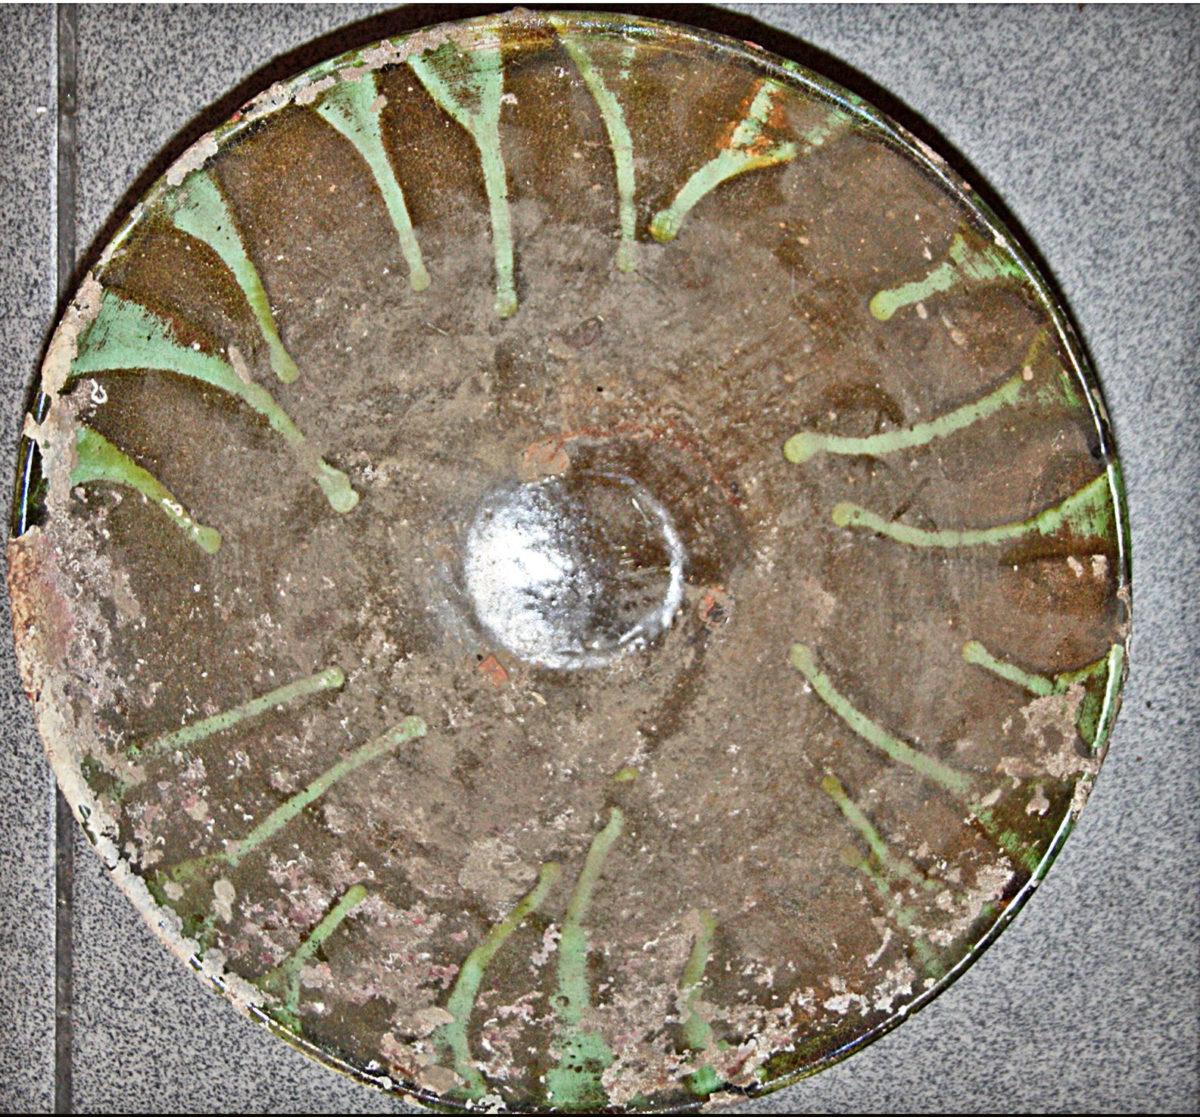 Πήλινη φιάλη που βρέθηκε και κατασχέθηκε στην Κάλυμνο (φωτ. Λιμενικό Σώμα).